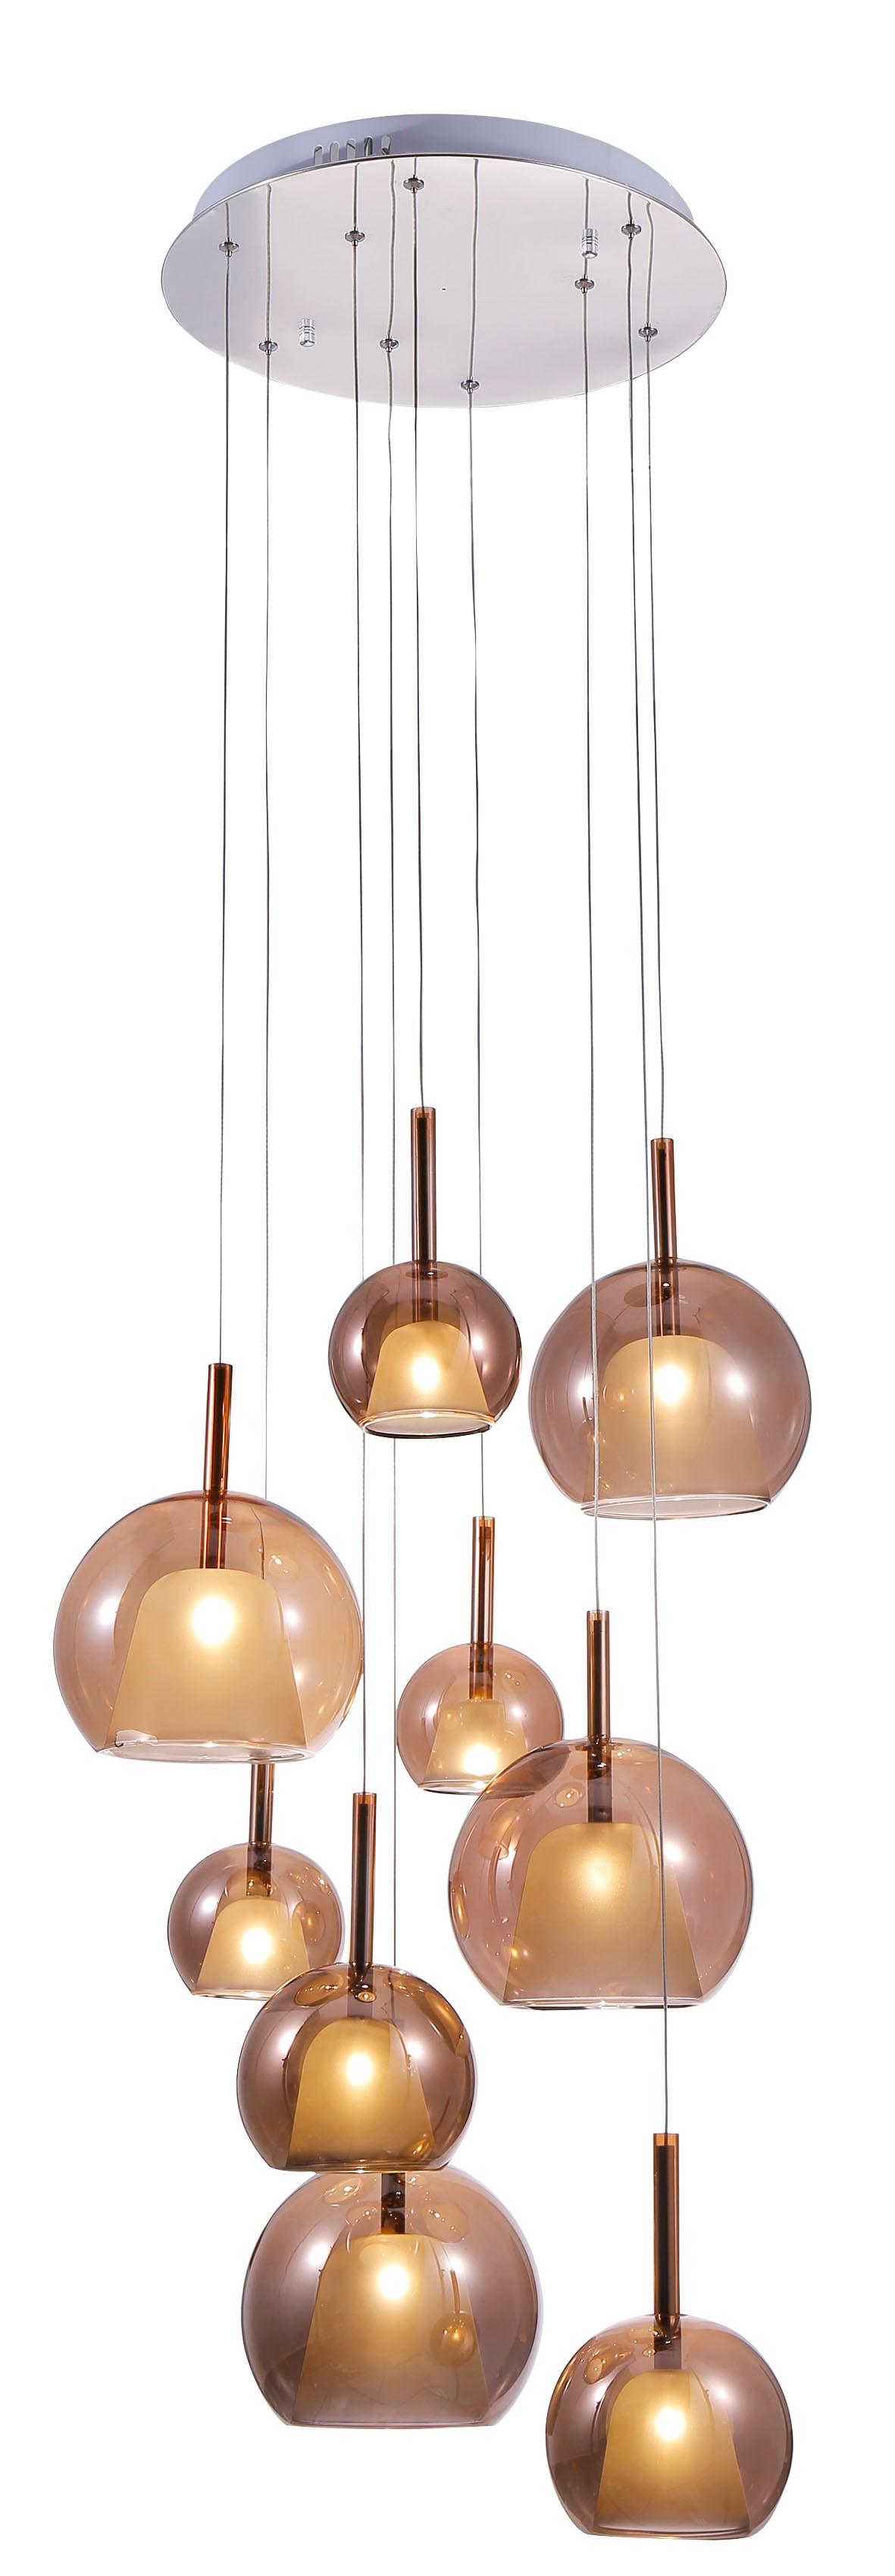 Nine-point pendant lamp Bellezia chrome / copper G4 20W